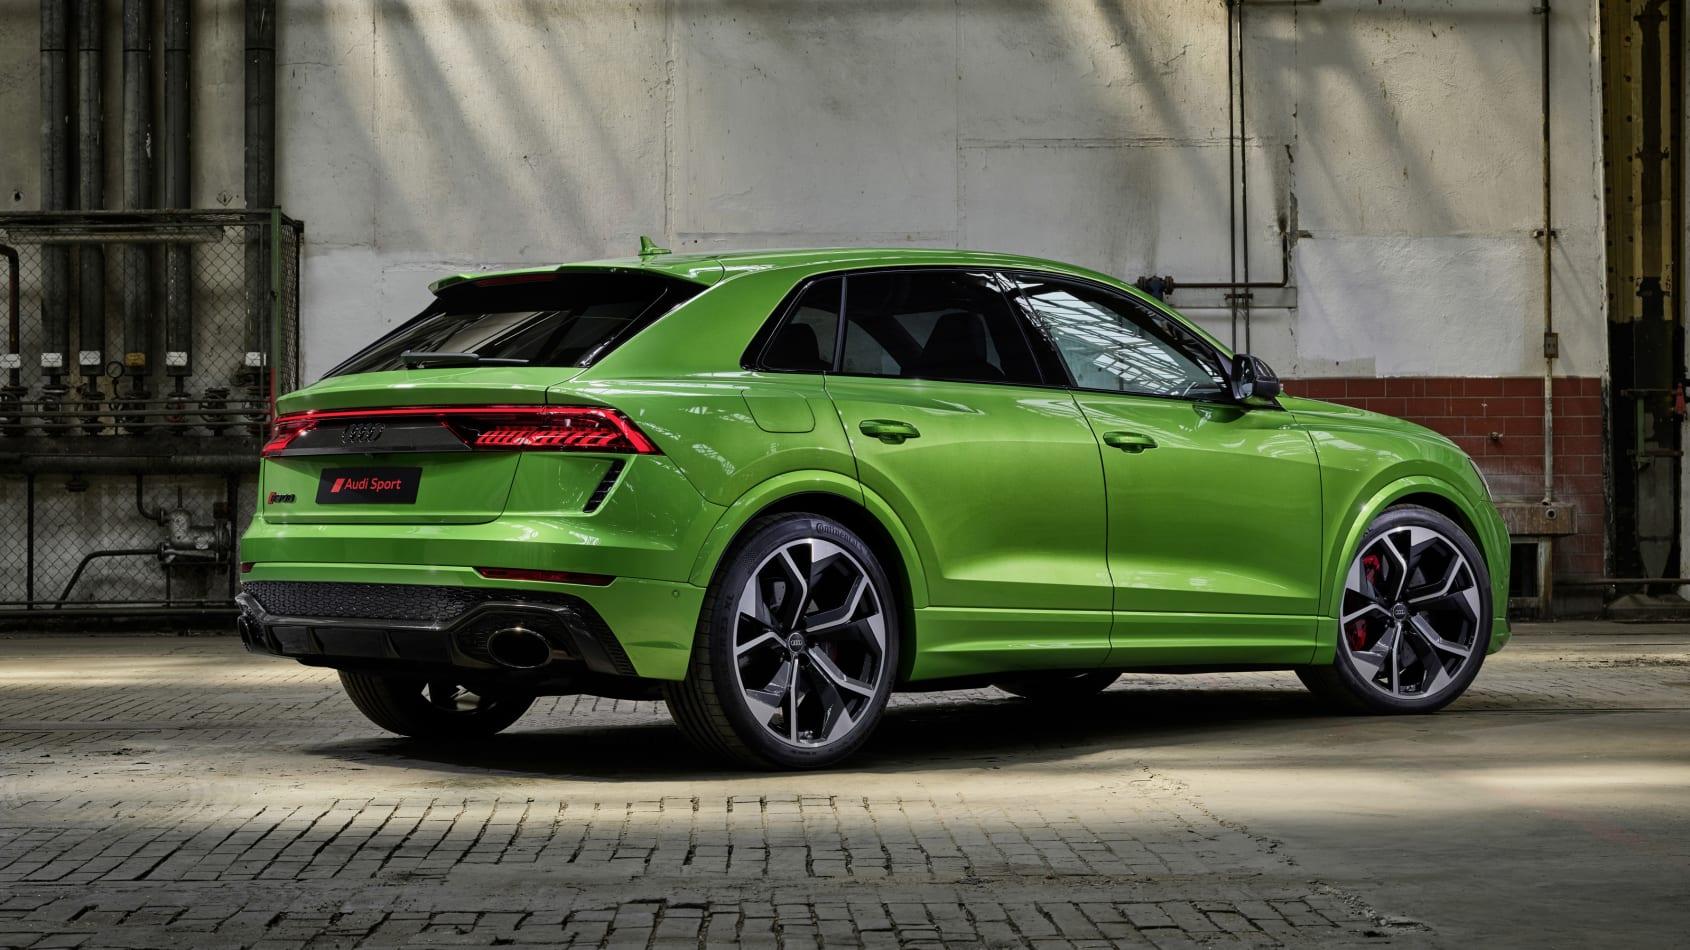 Audi RS Q8 2020 official pics